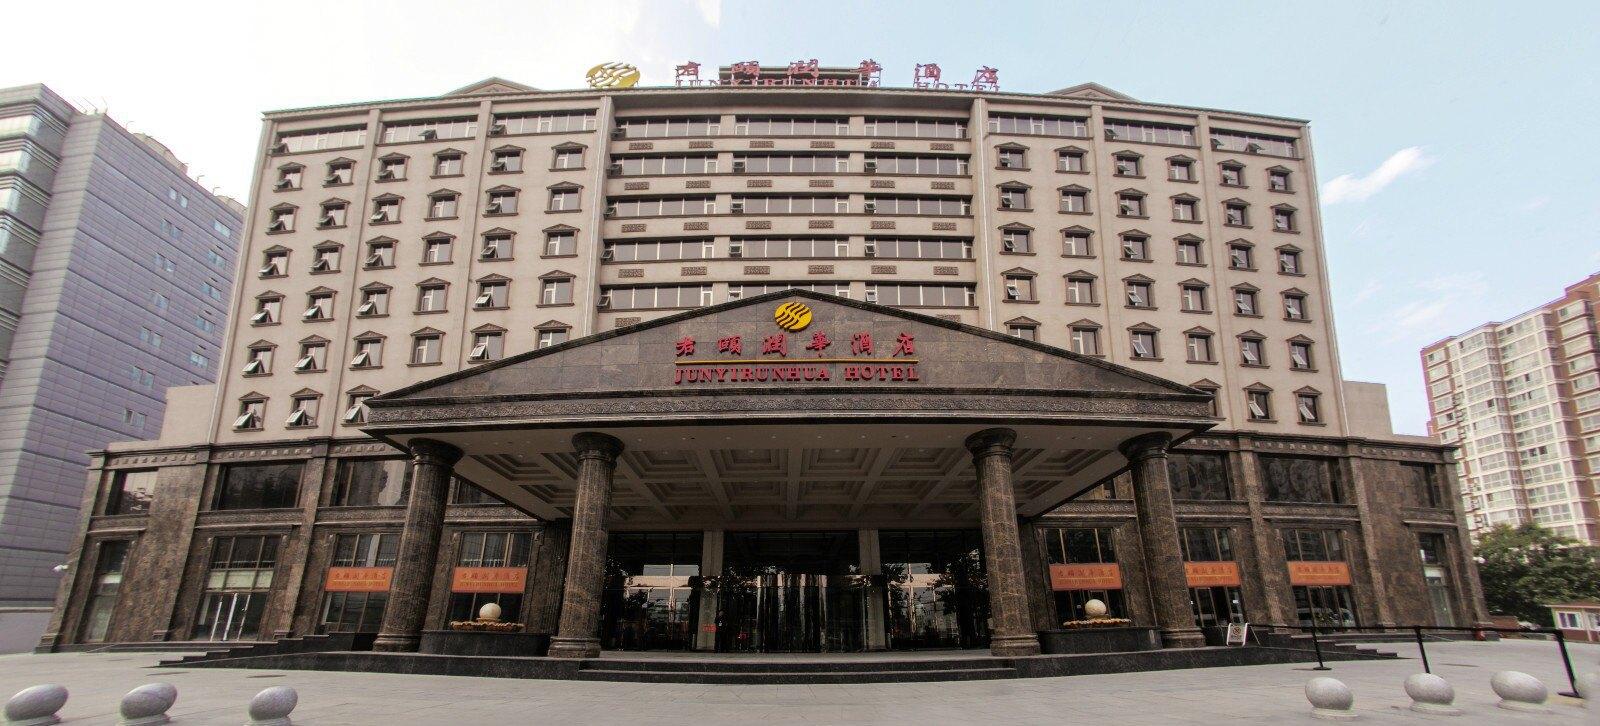 北京权金城洗浴官网_权金城北京最大的店在那?-请问,北京权金城都在哪里有分店啊?